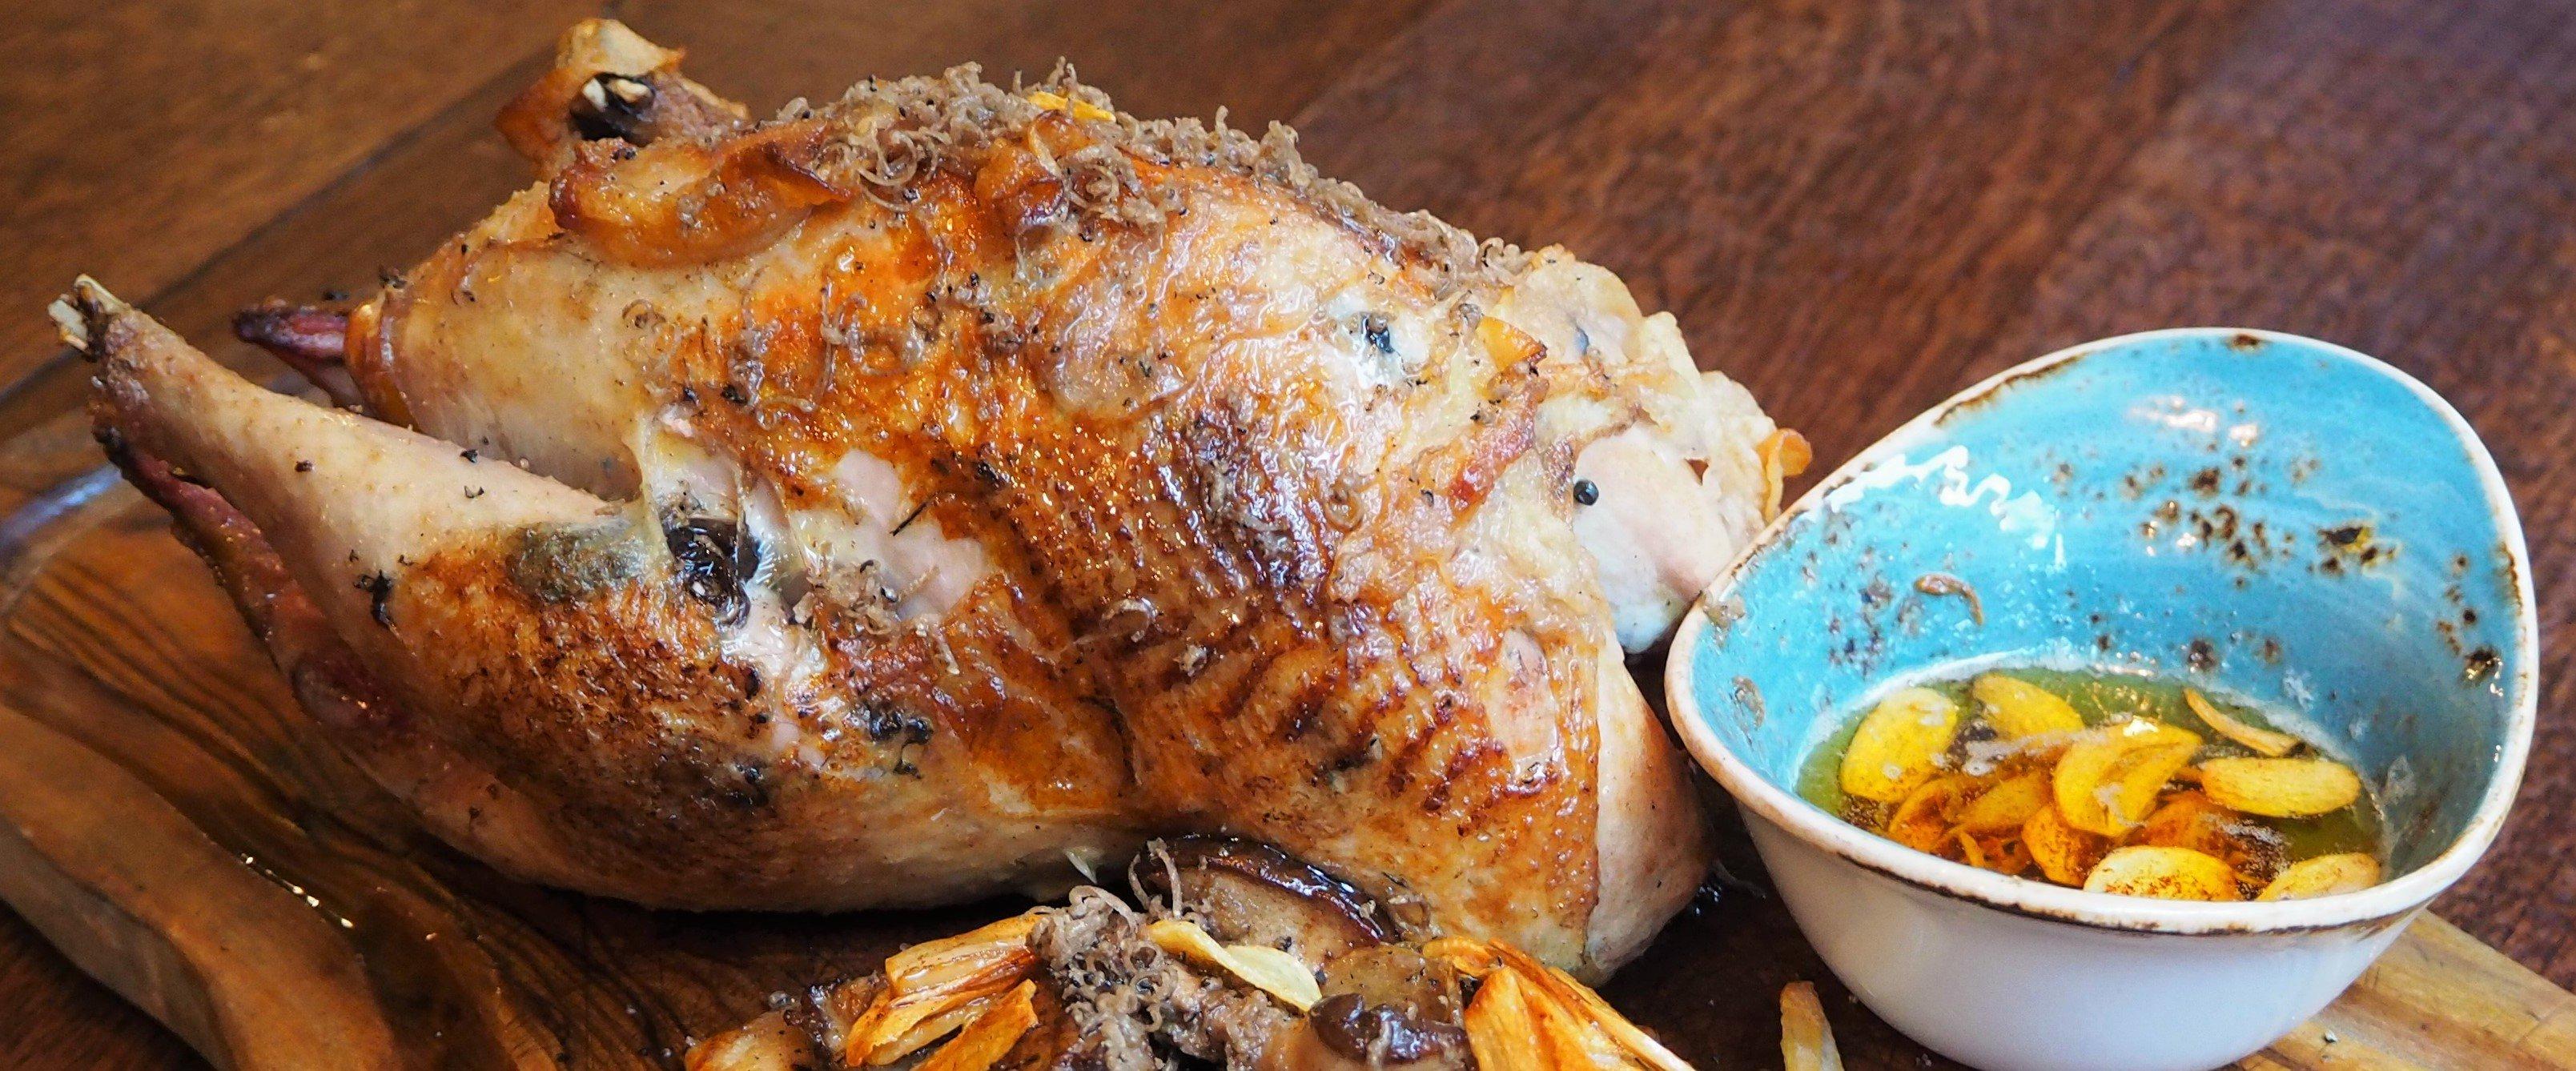 fazant recept voor in de oven